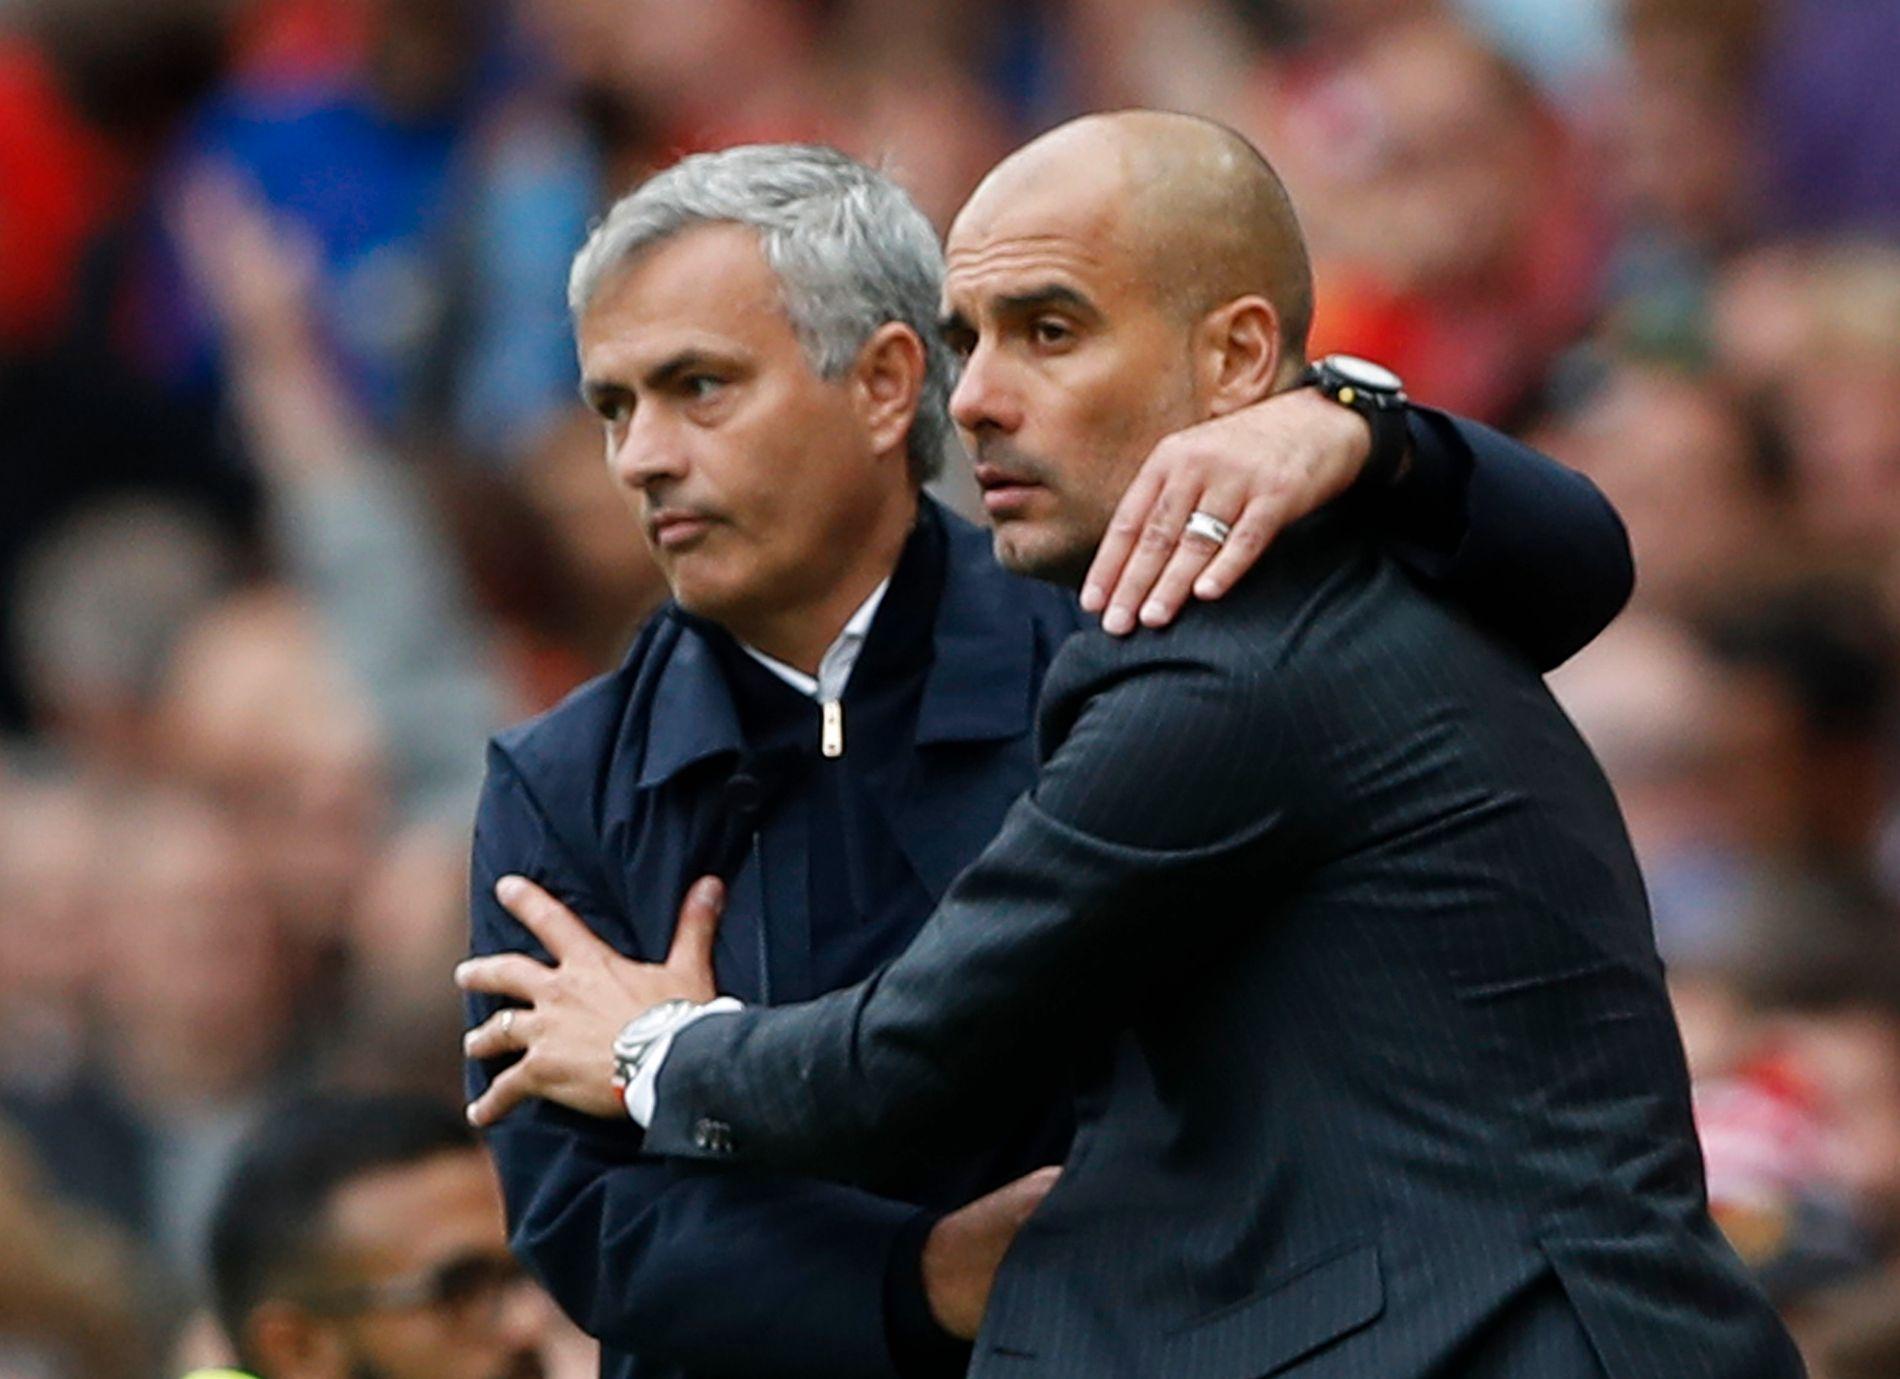 MØTES IGJEN: Rivalene Pep Guardiola og José Mourinho møtes igjen for en avgjørende kamp.